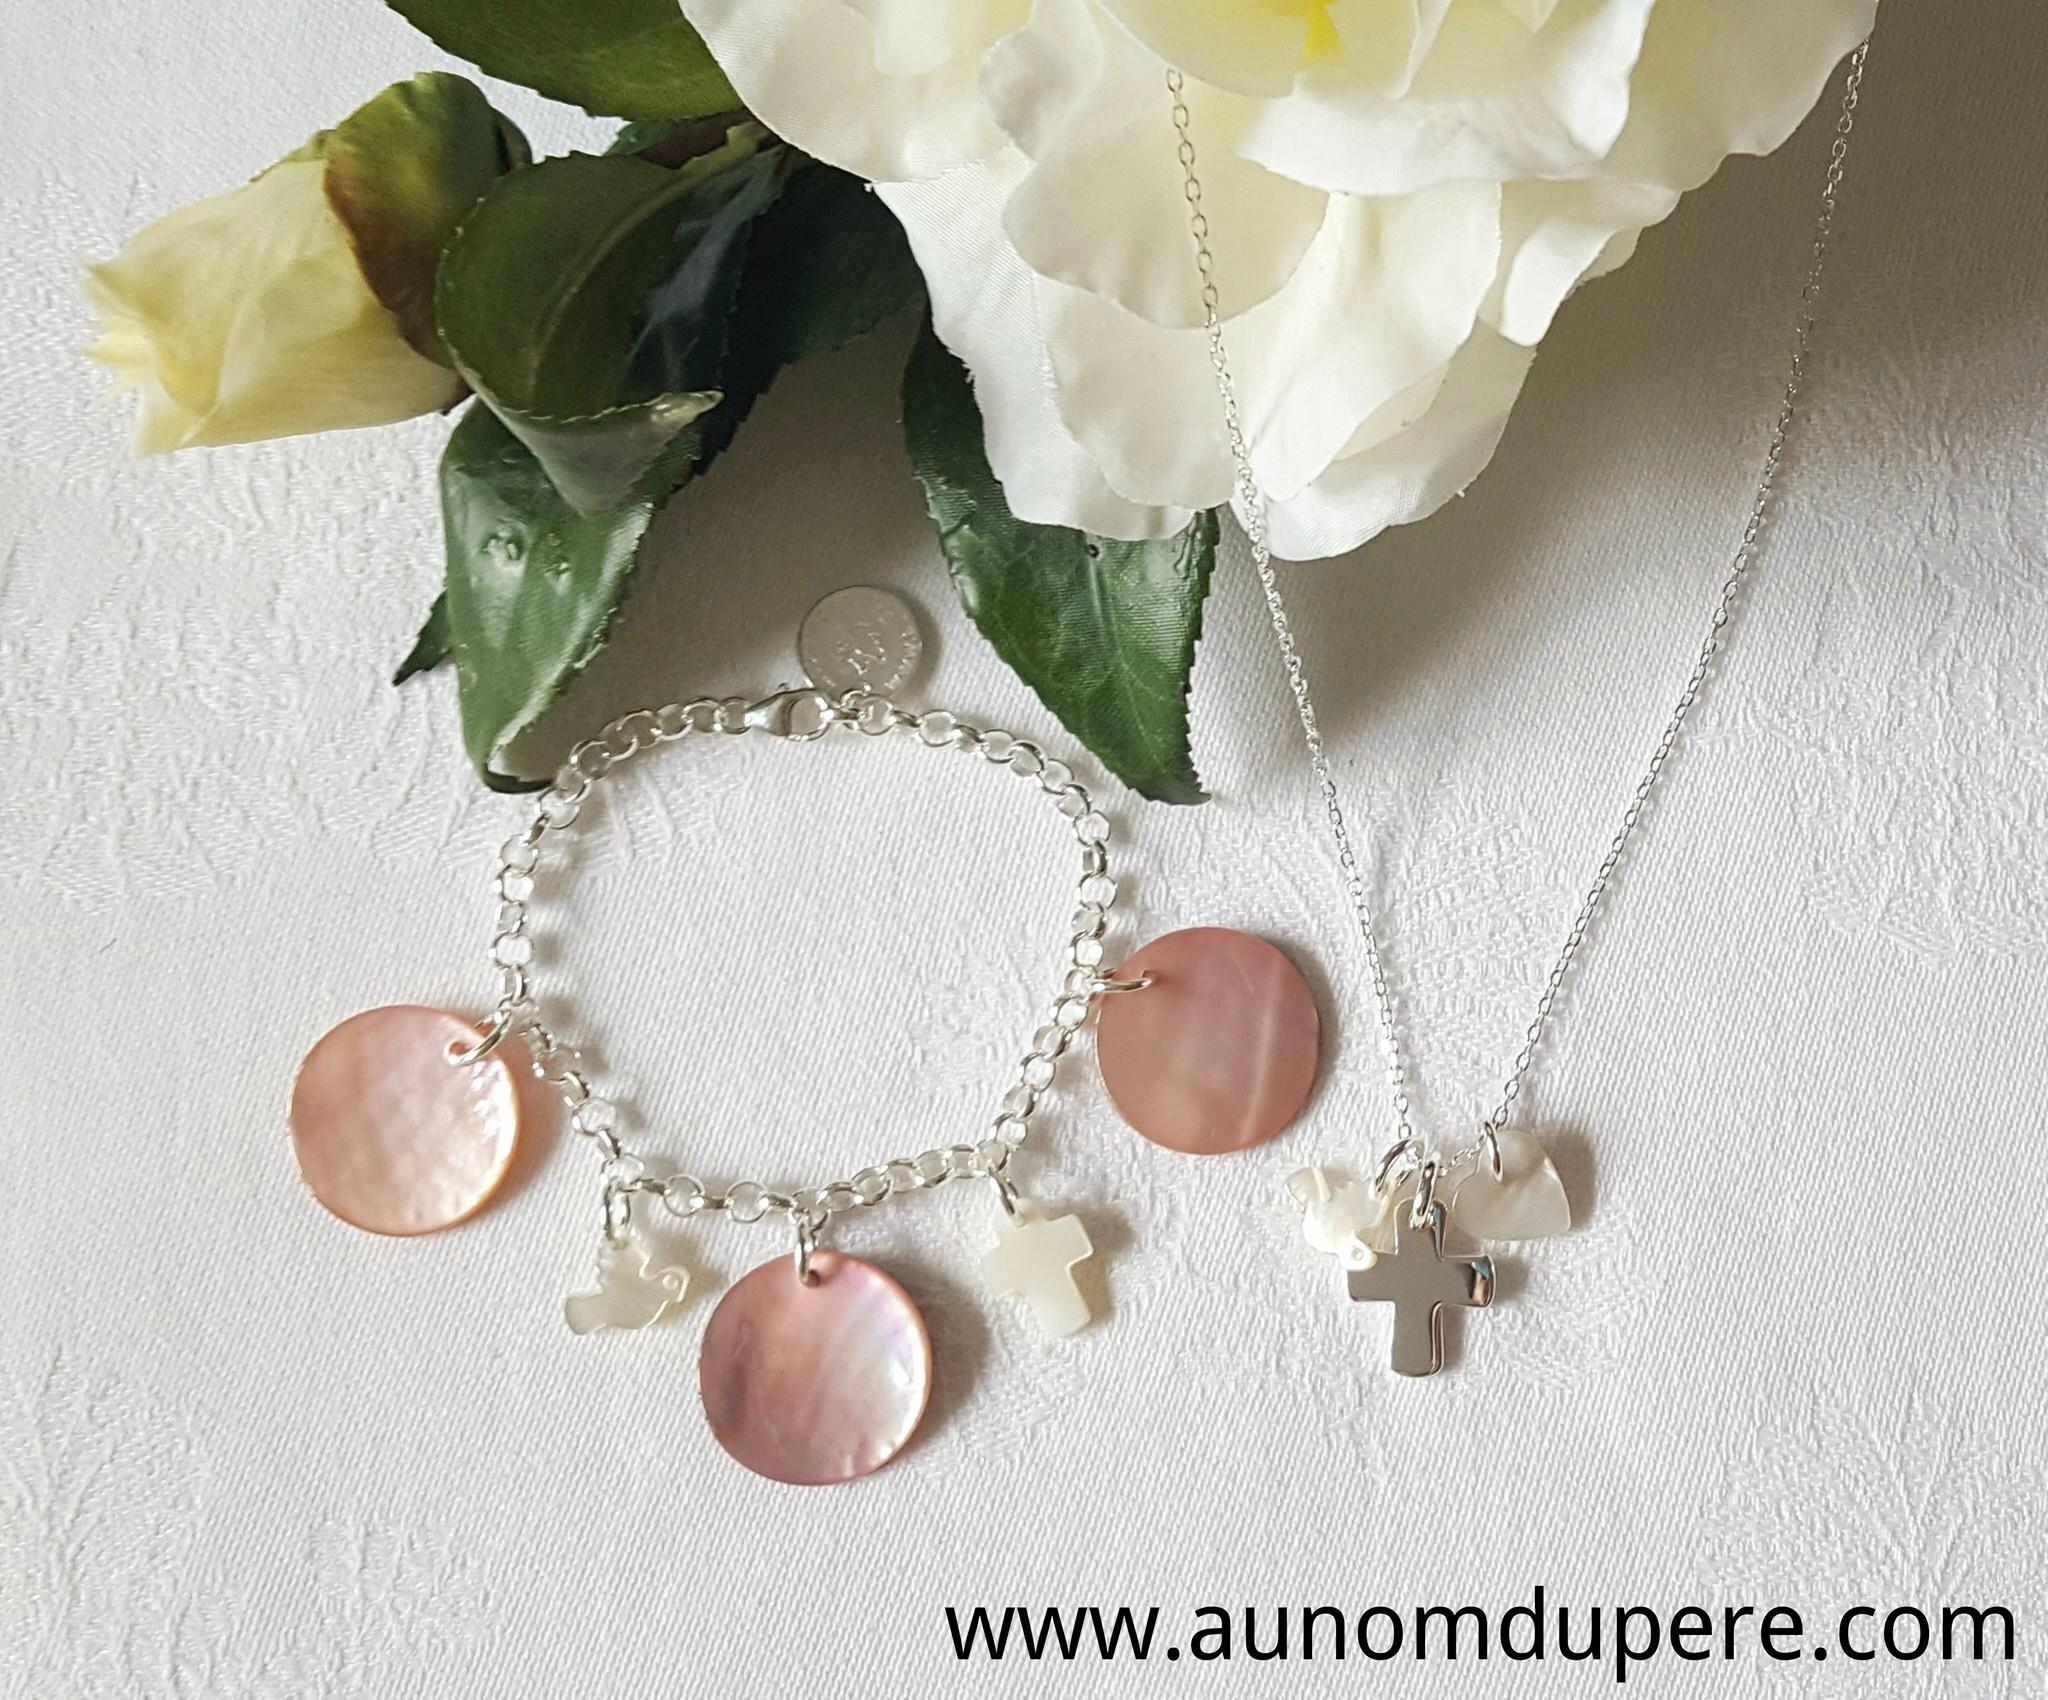 Ensemble collier de Communion avec le bracelet de Communion avec breloques - 48 € le collier ; 65 € le bracelet